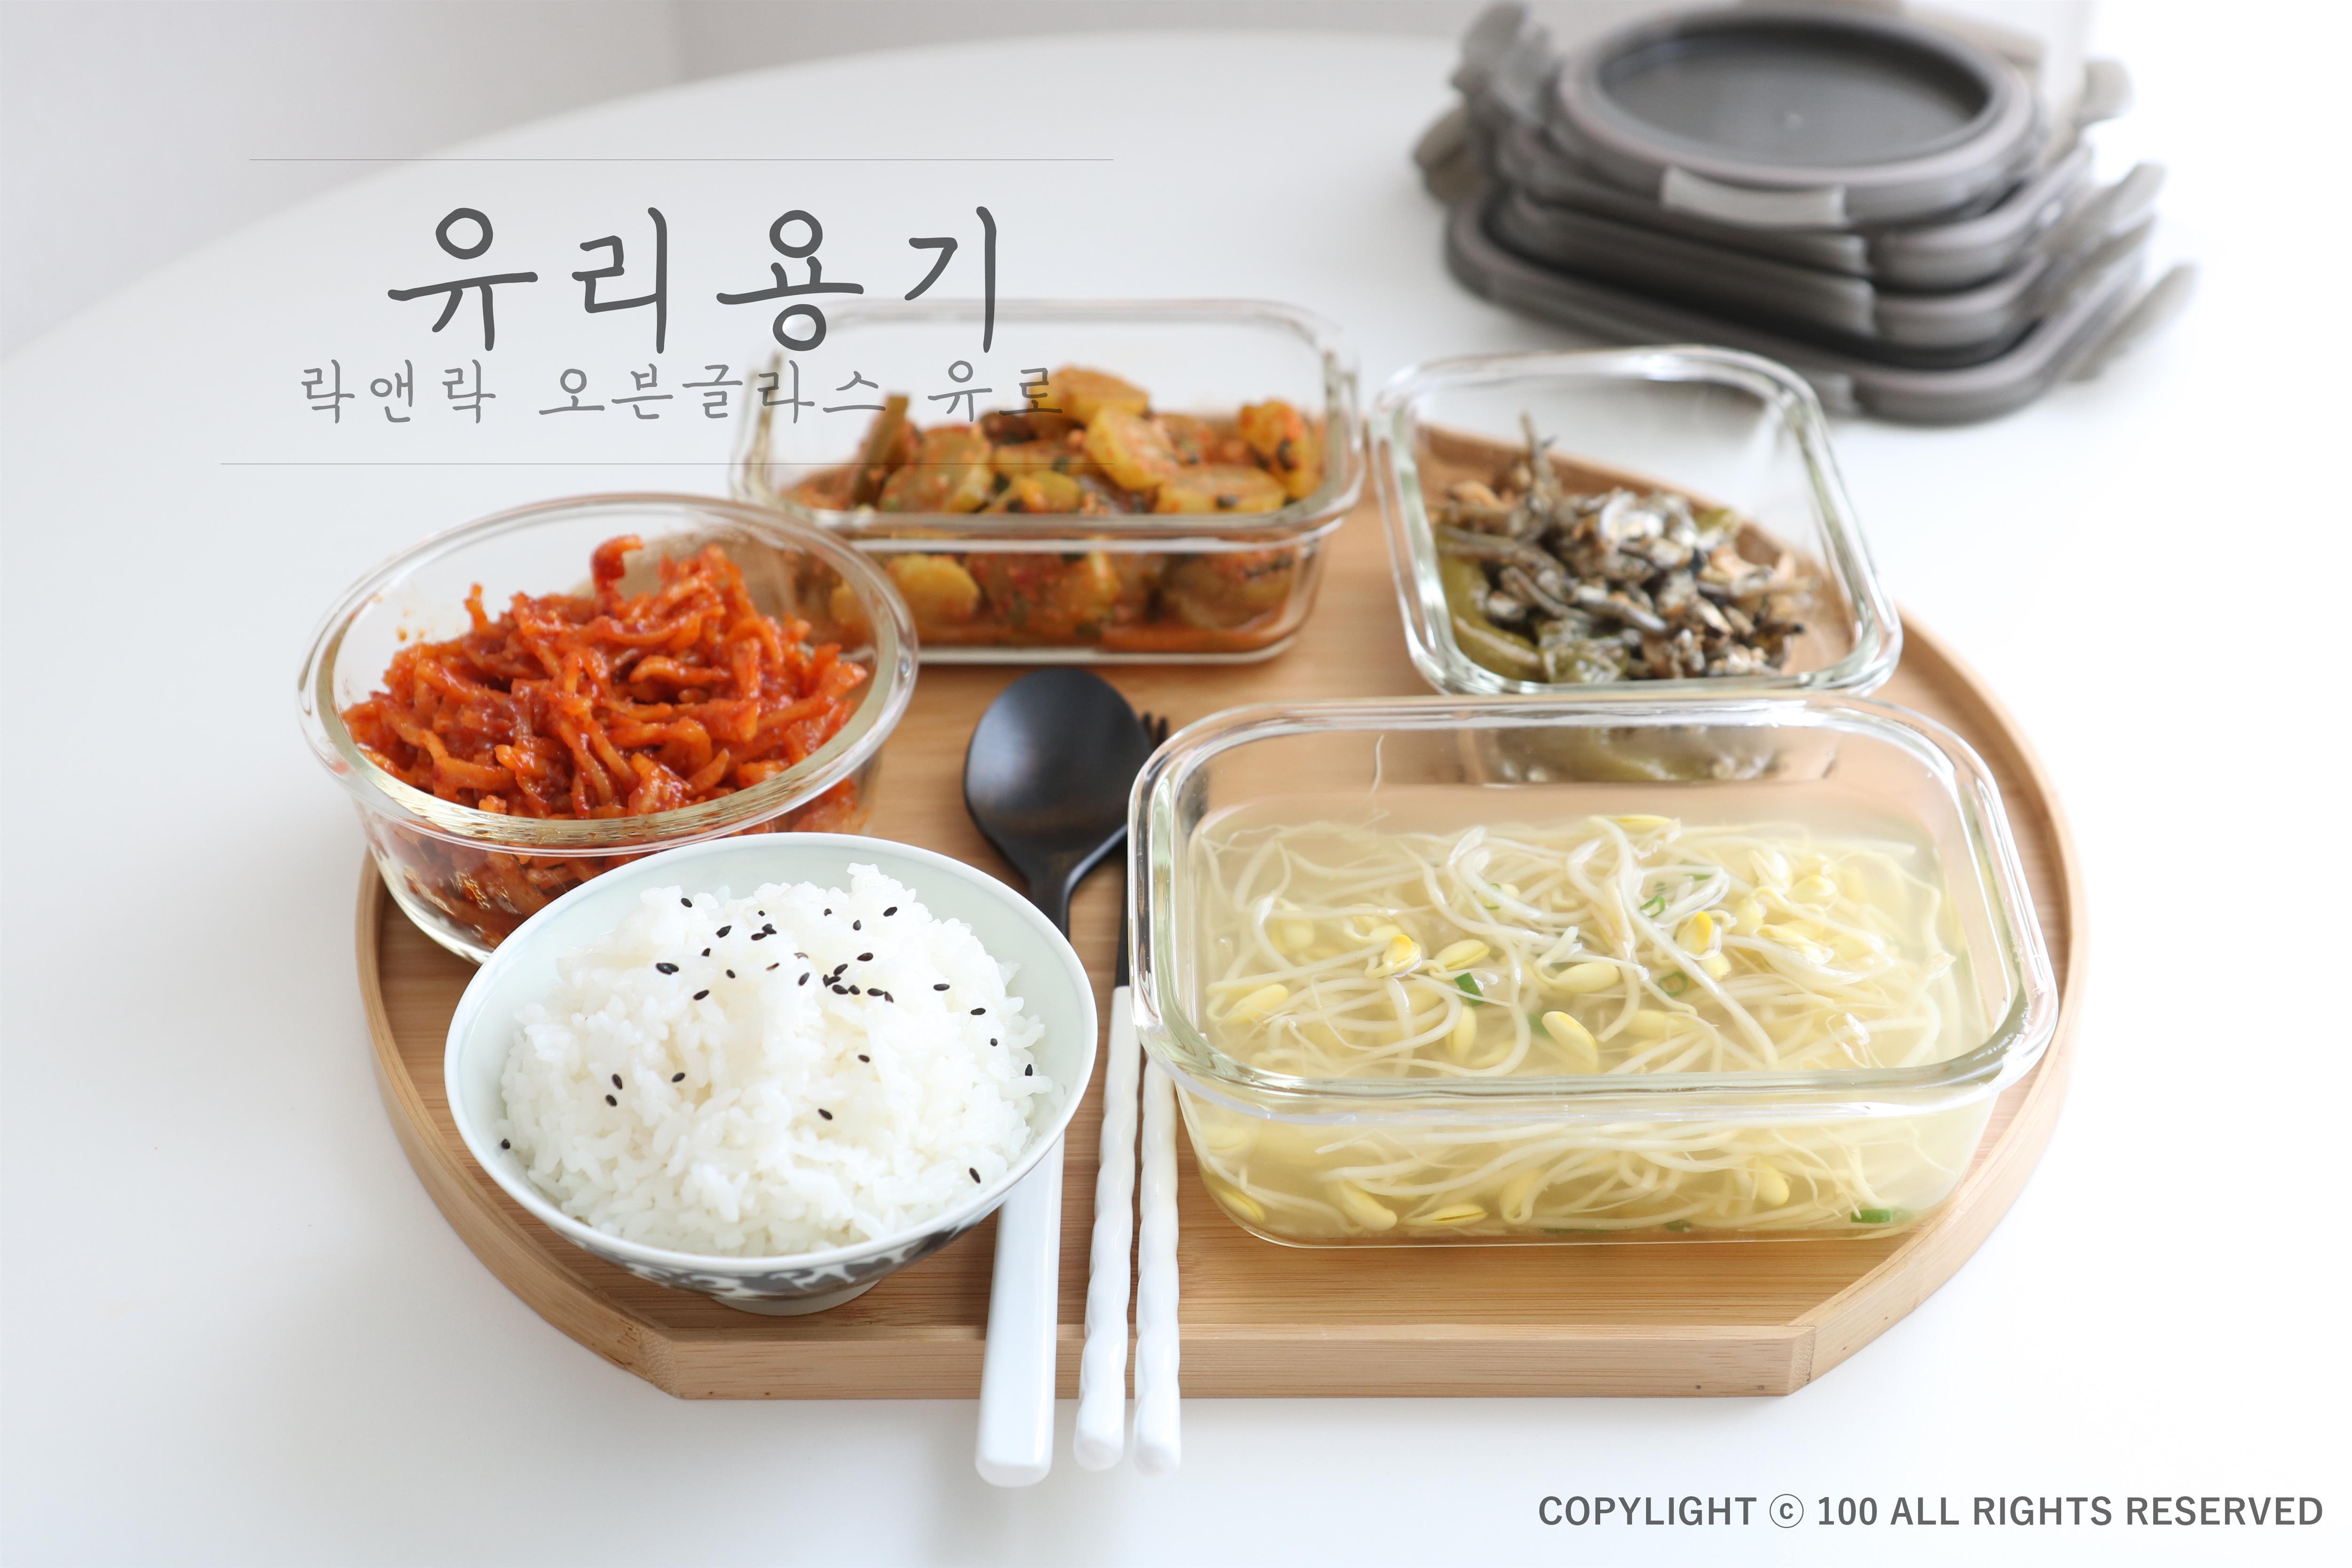 락앤락 오븐글라스 유로 유리용기 딱 내스타일 :-)